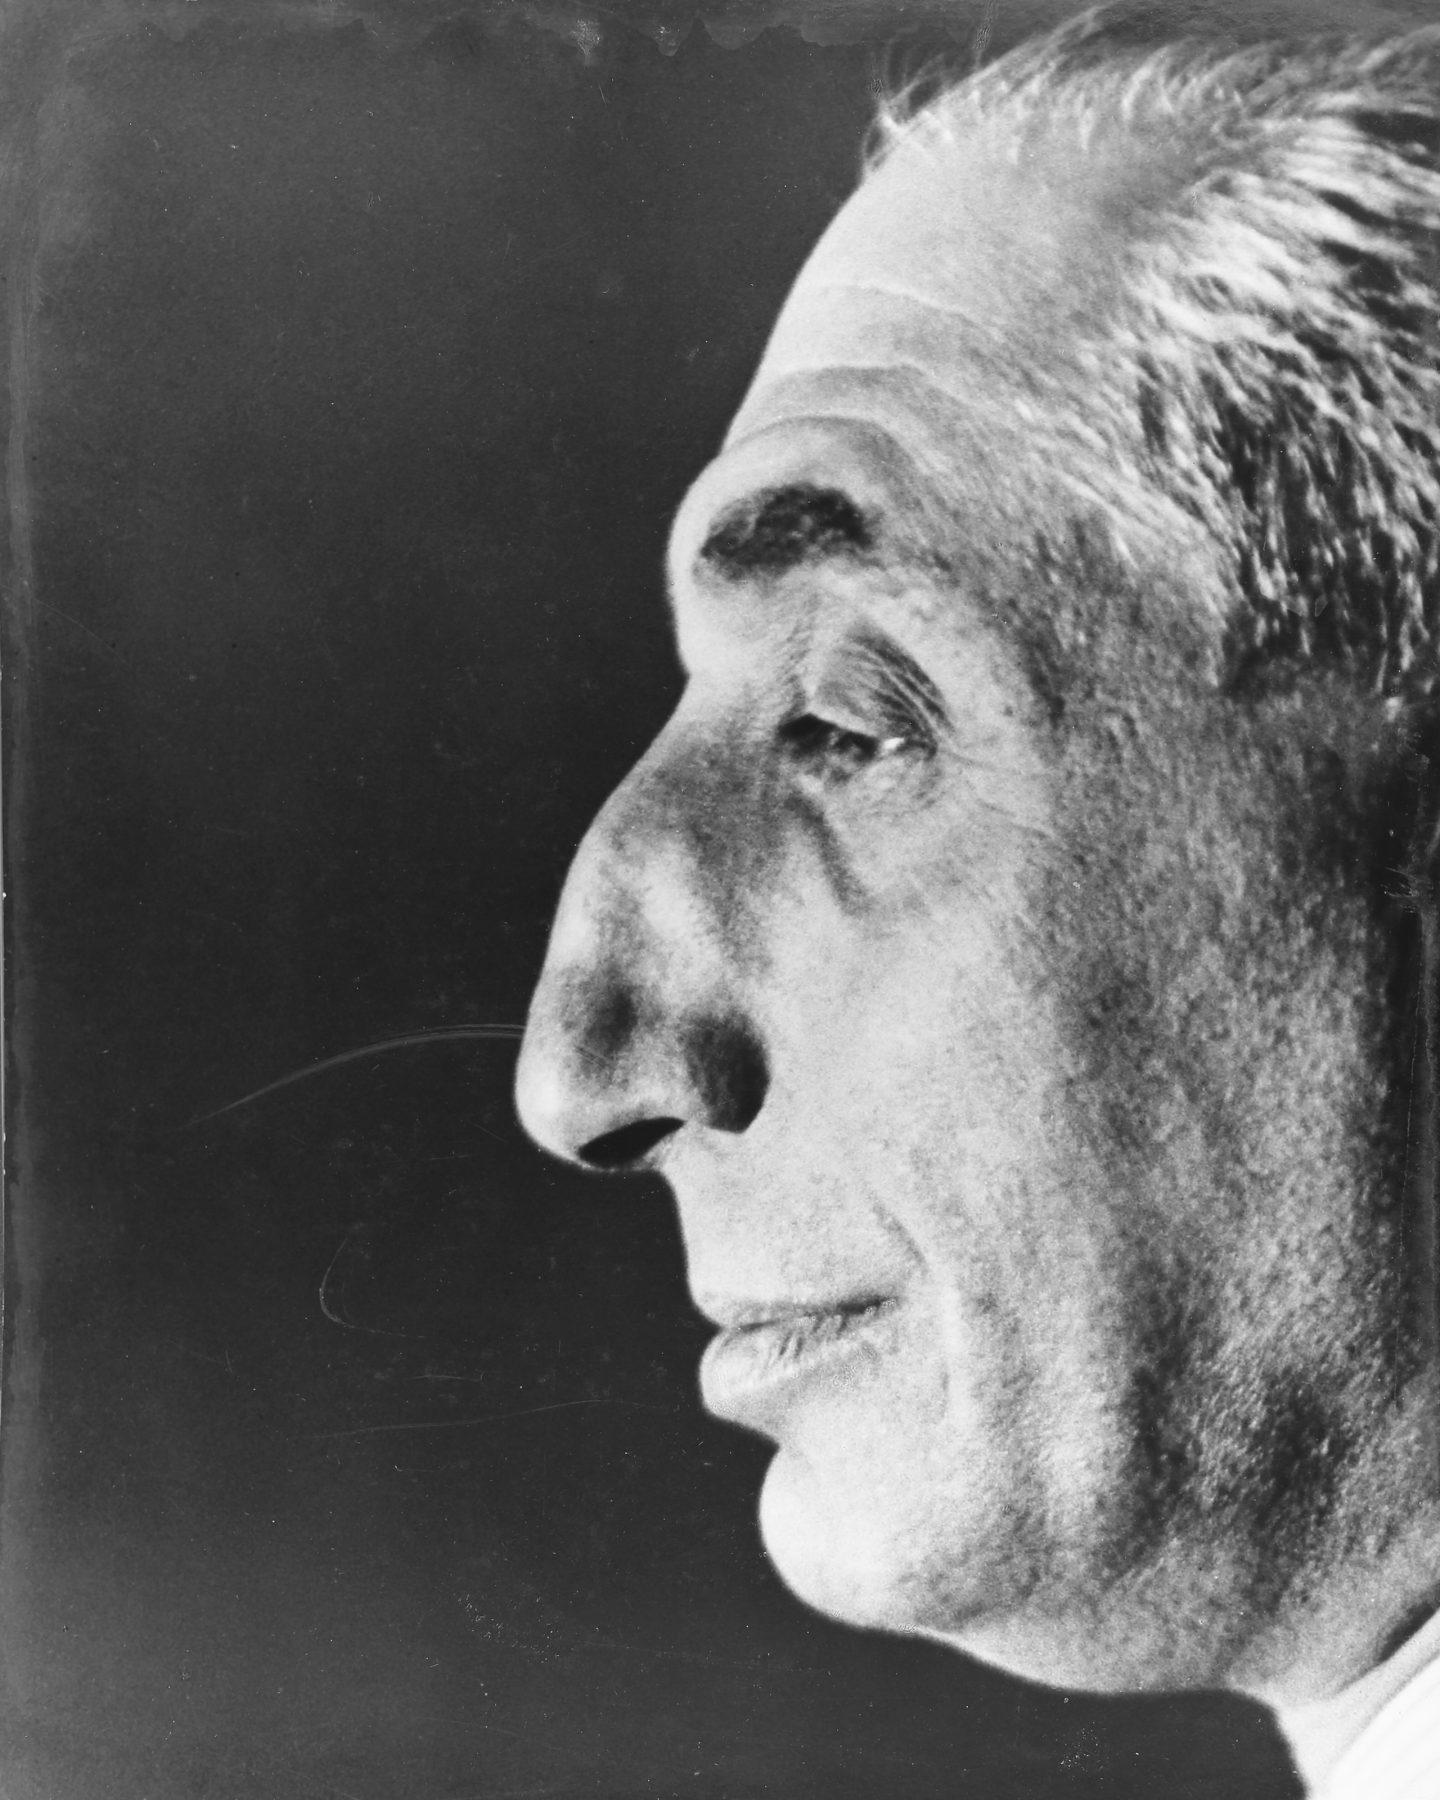 Auf dem Porträt ist Alfred Flechtheims markantes Gesicht im Profil zu sehen. Die Details seiner Physiognomie stechen im Kontrast zu dem dunklen Hintergrund stark hervor.